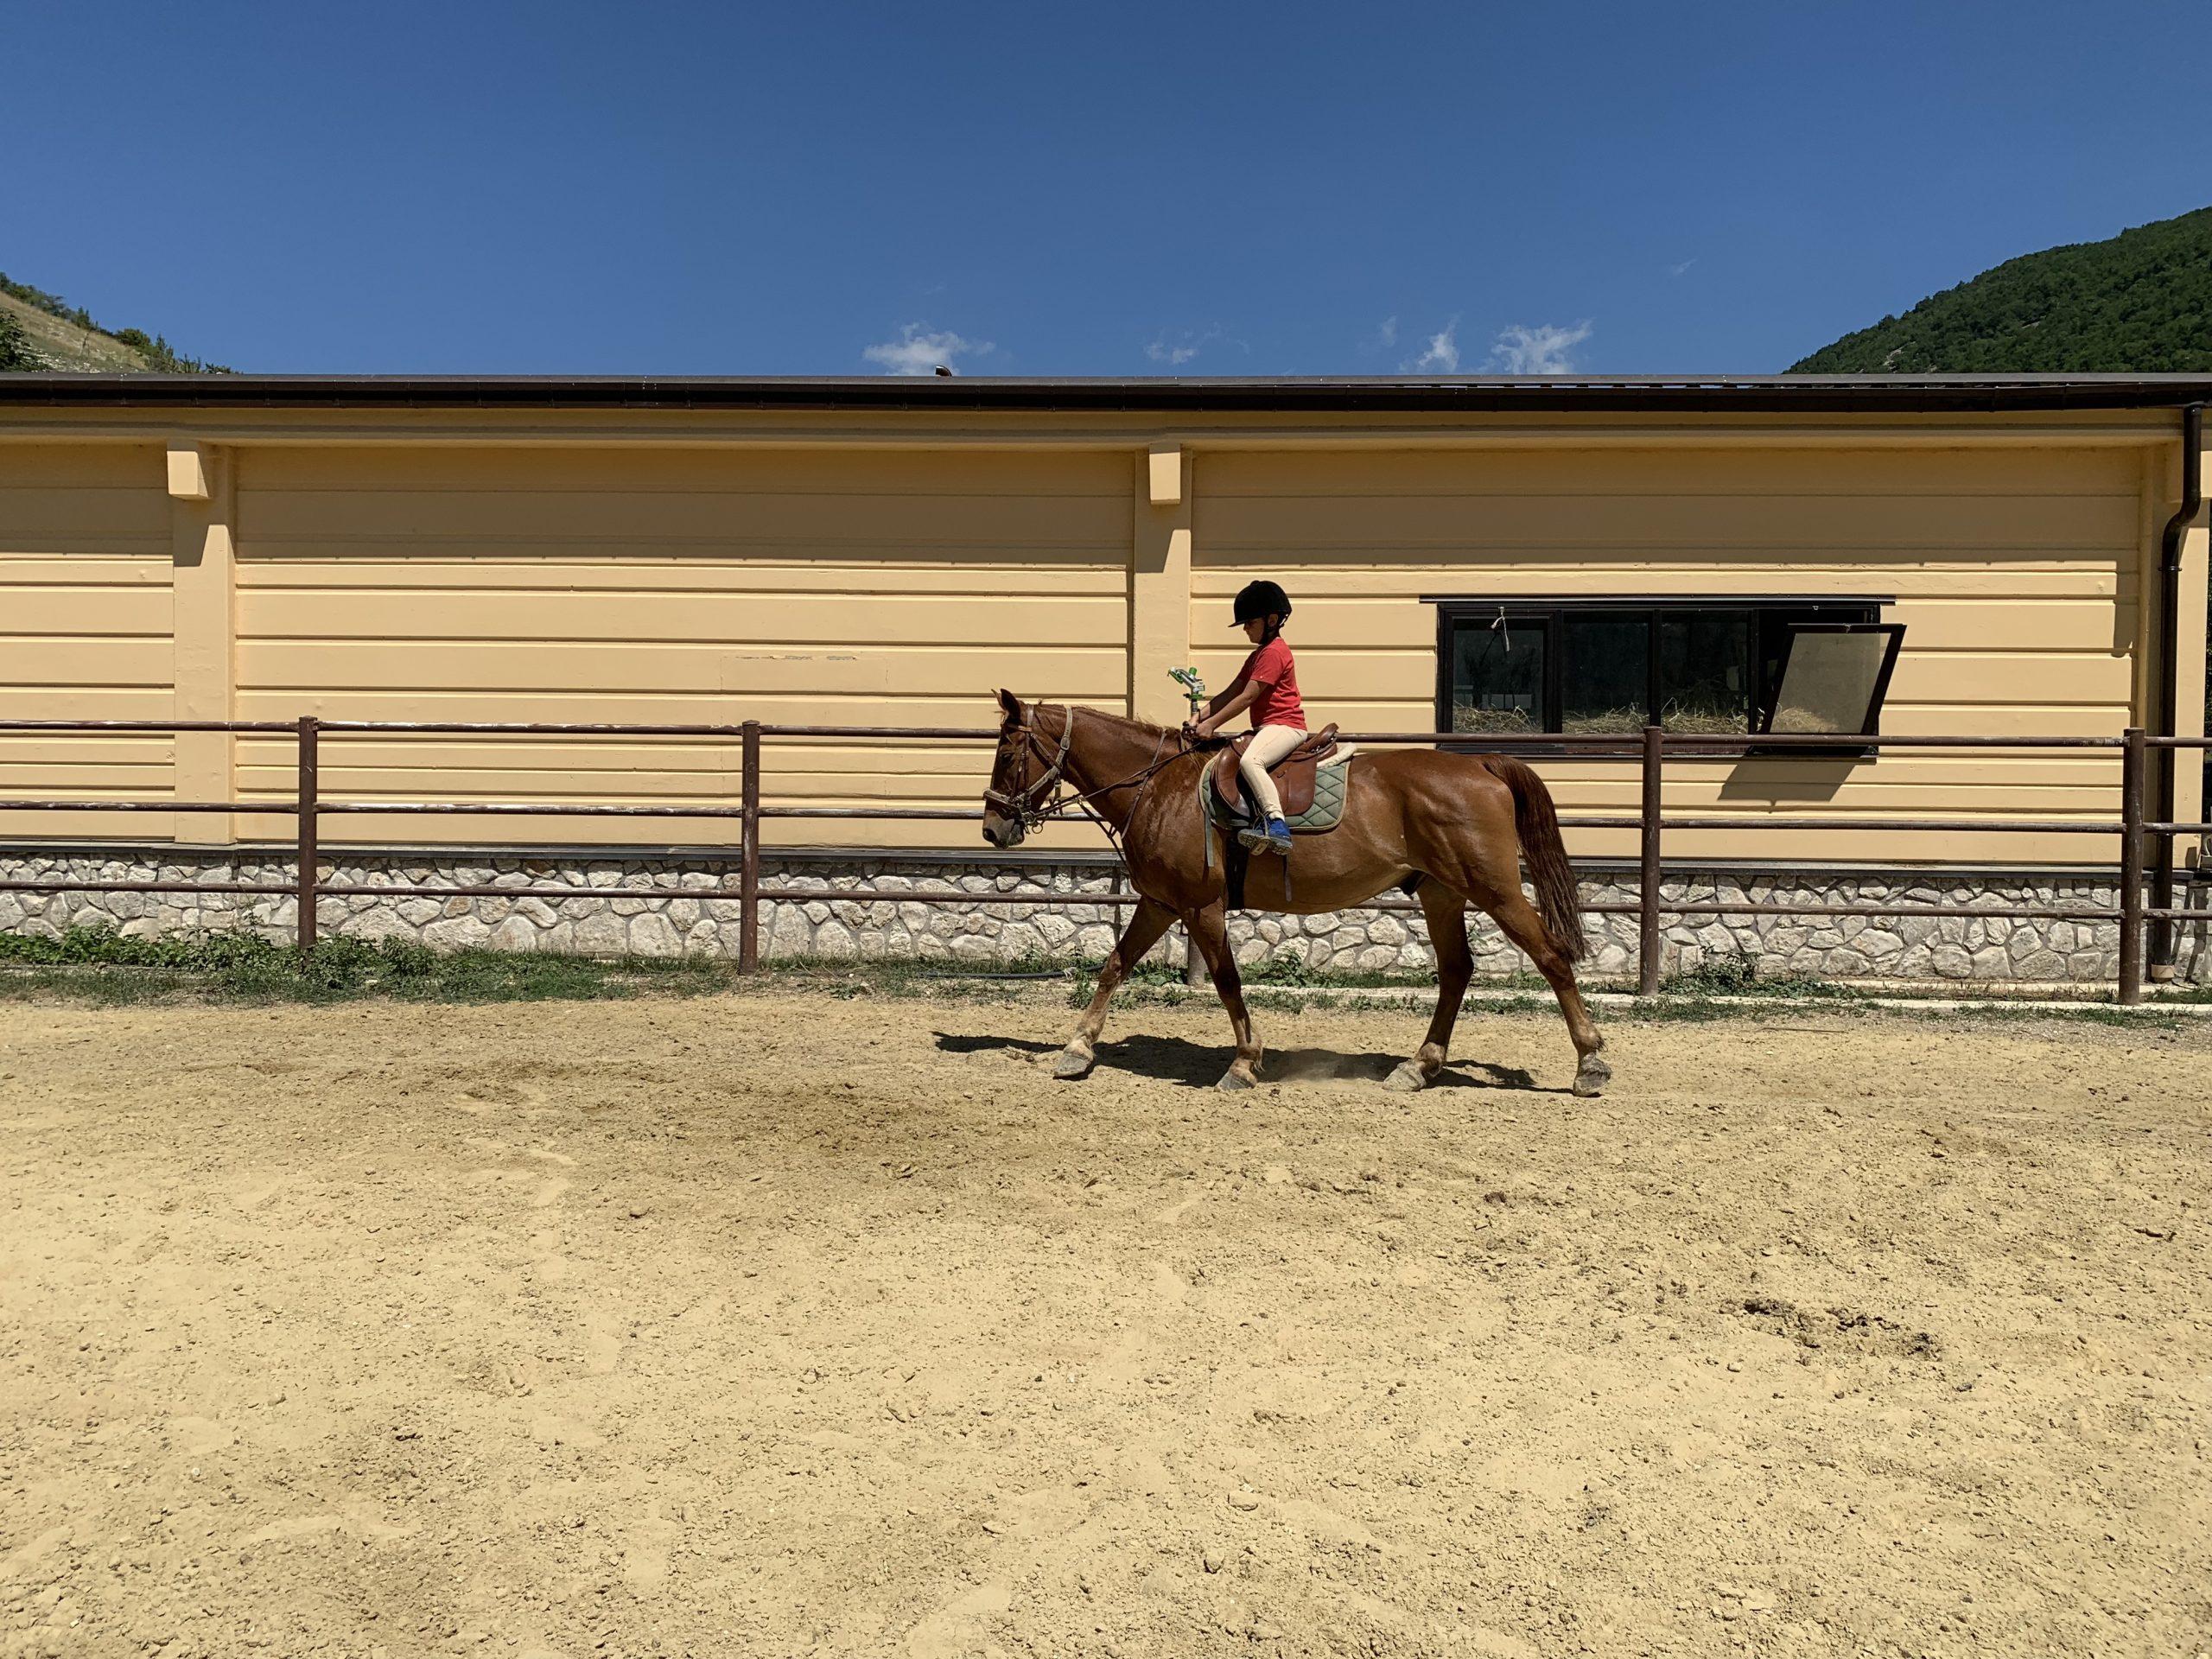 Lezione a cavallo